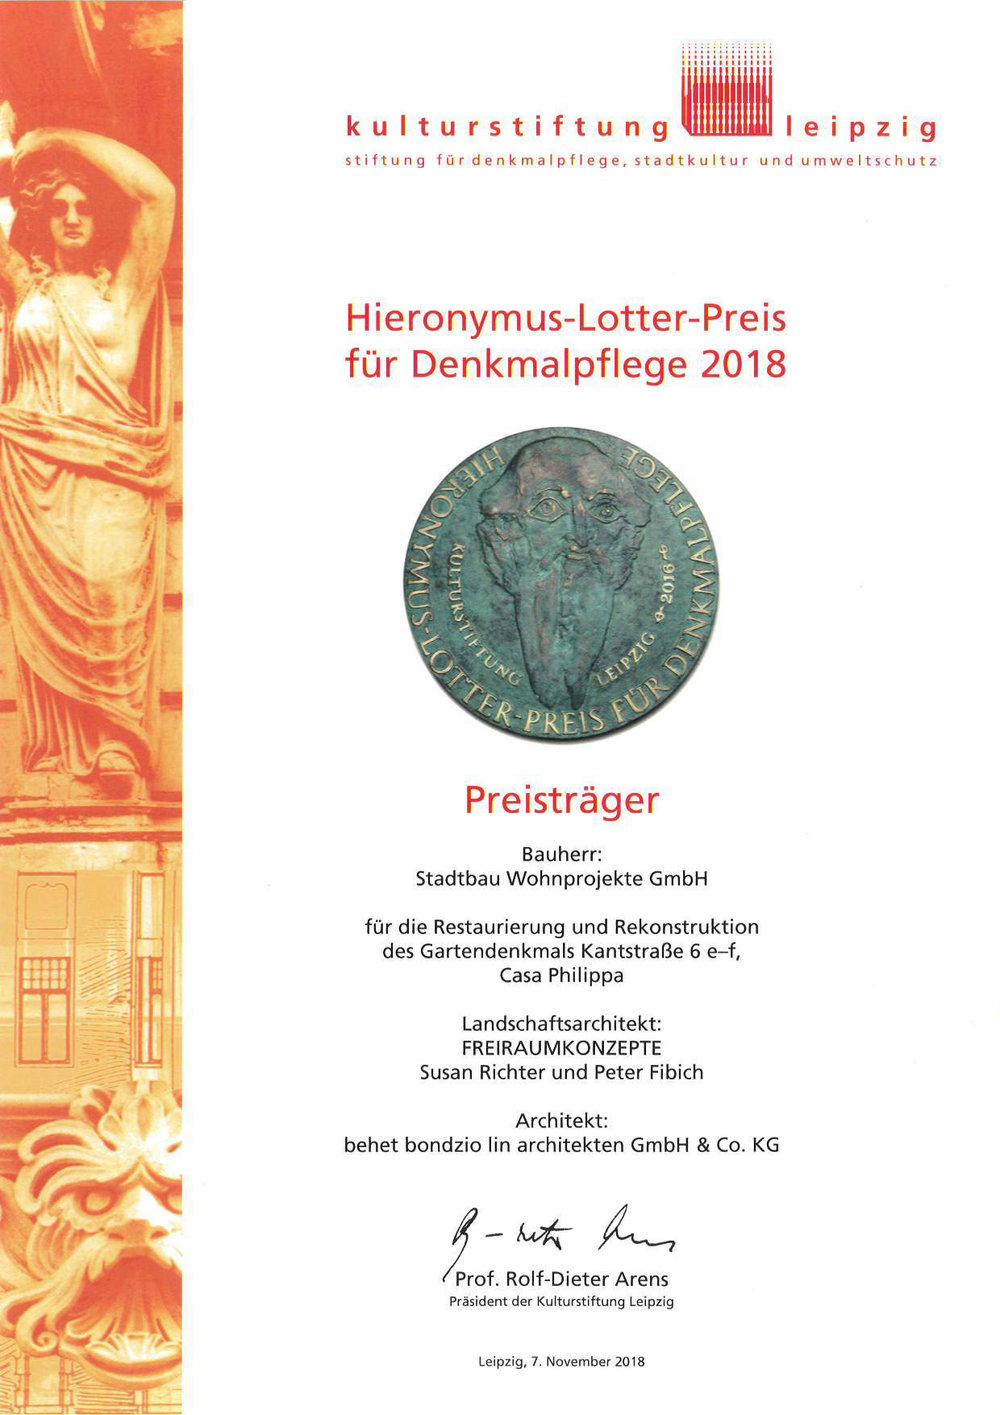 02-hieronymus-lotter-preis-behet-bondzio-lin-architekten.jpg